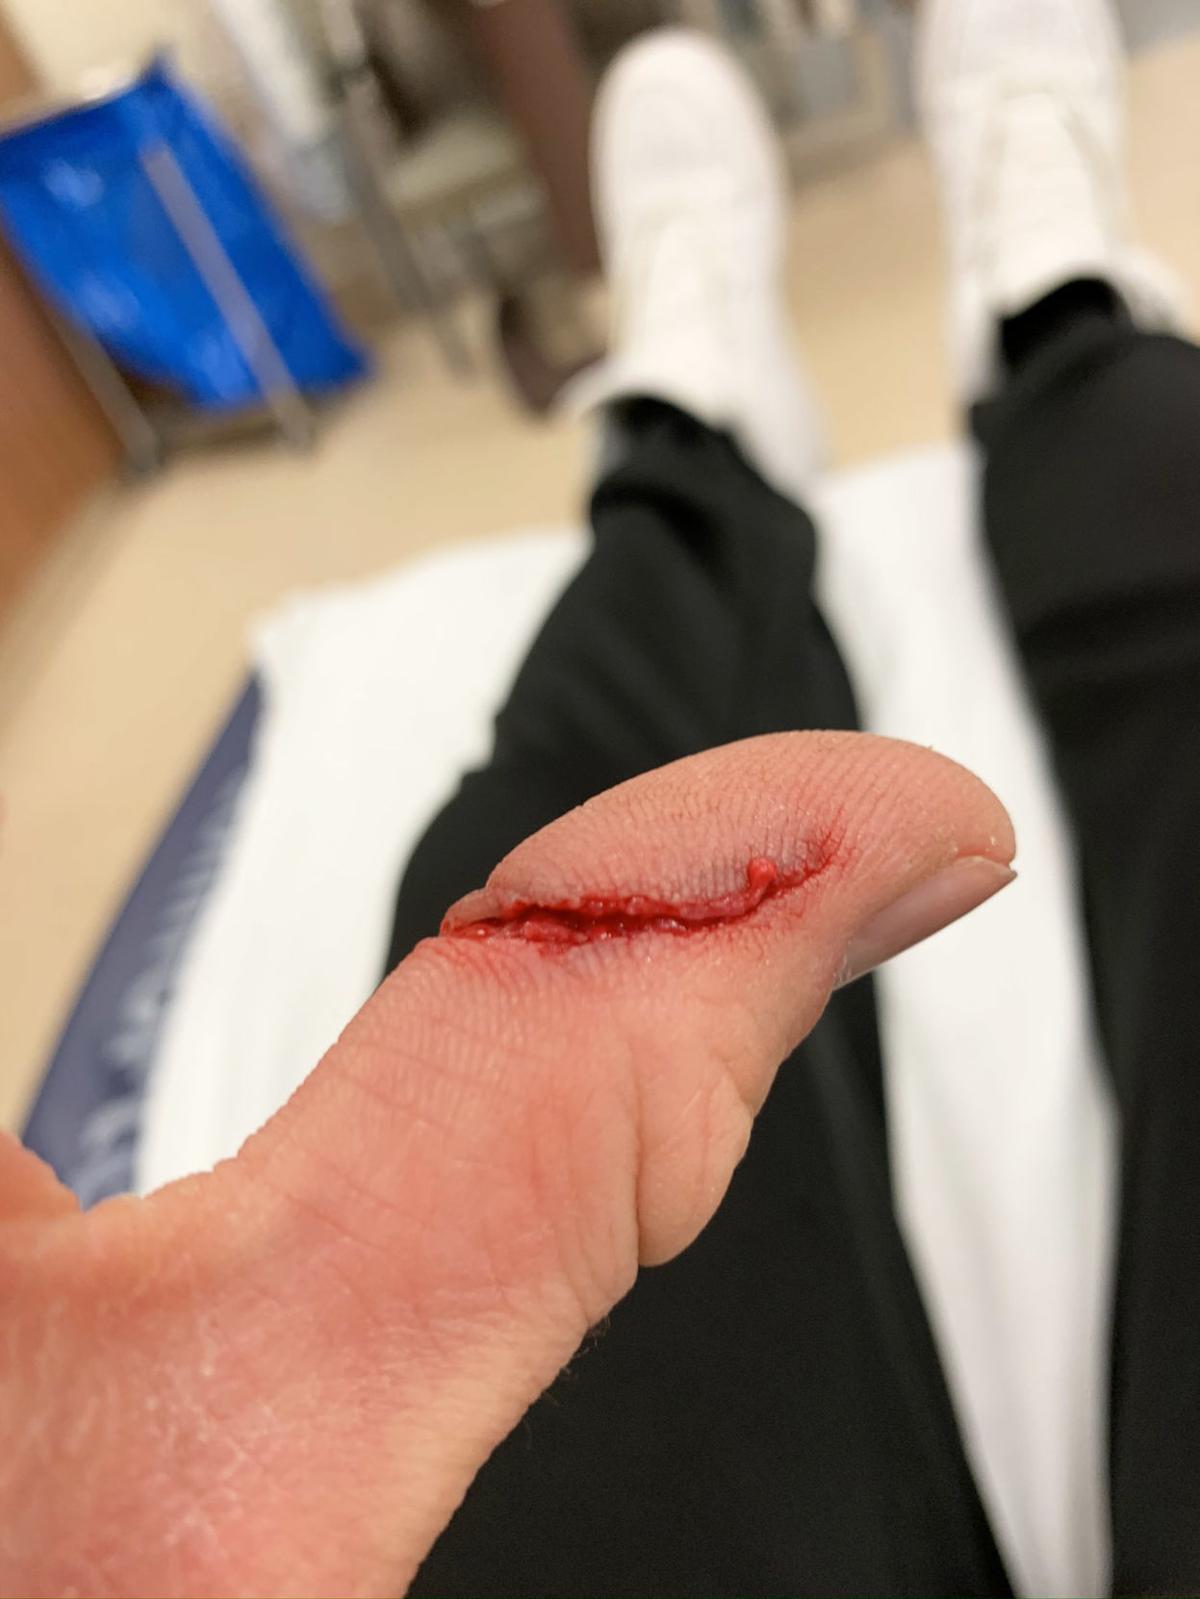 Luke cut thumb